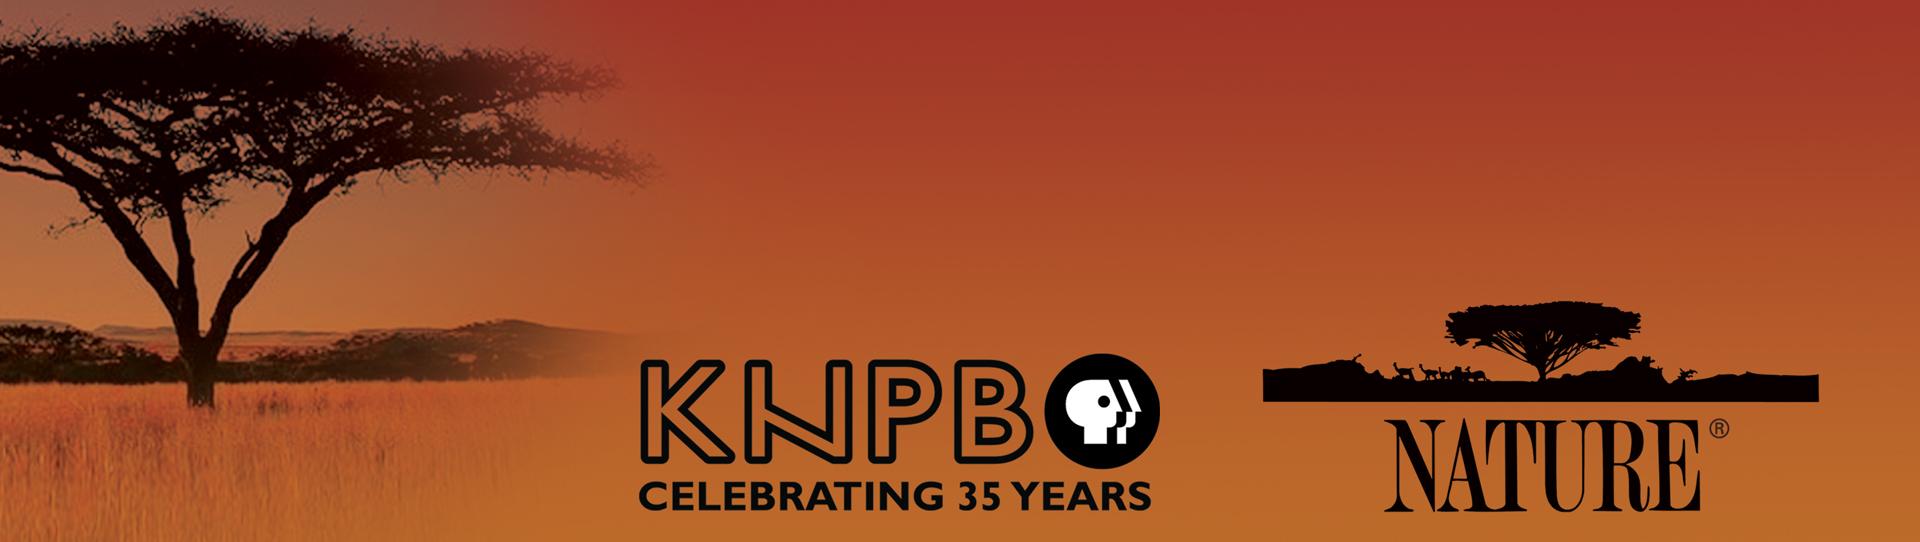 Nature-KNPB-header2[459].jpg